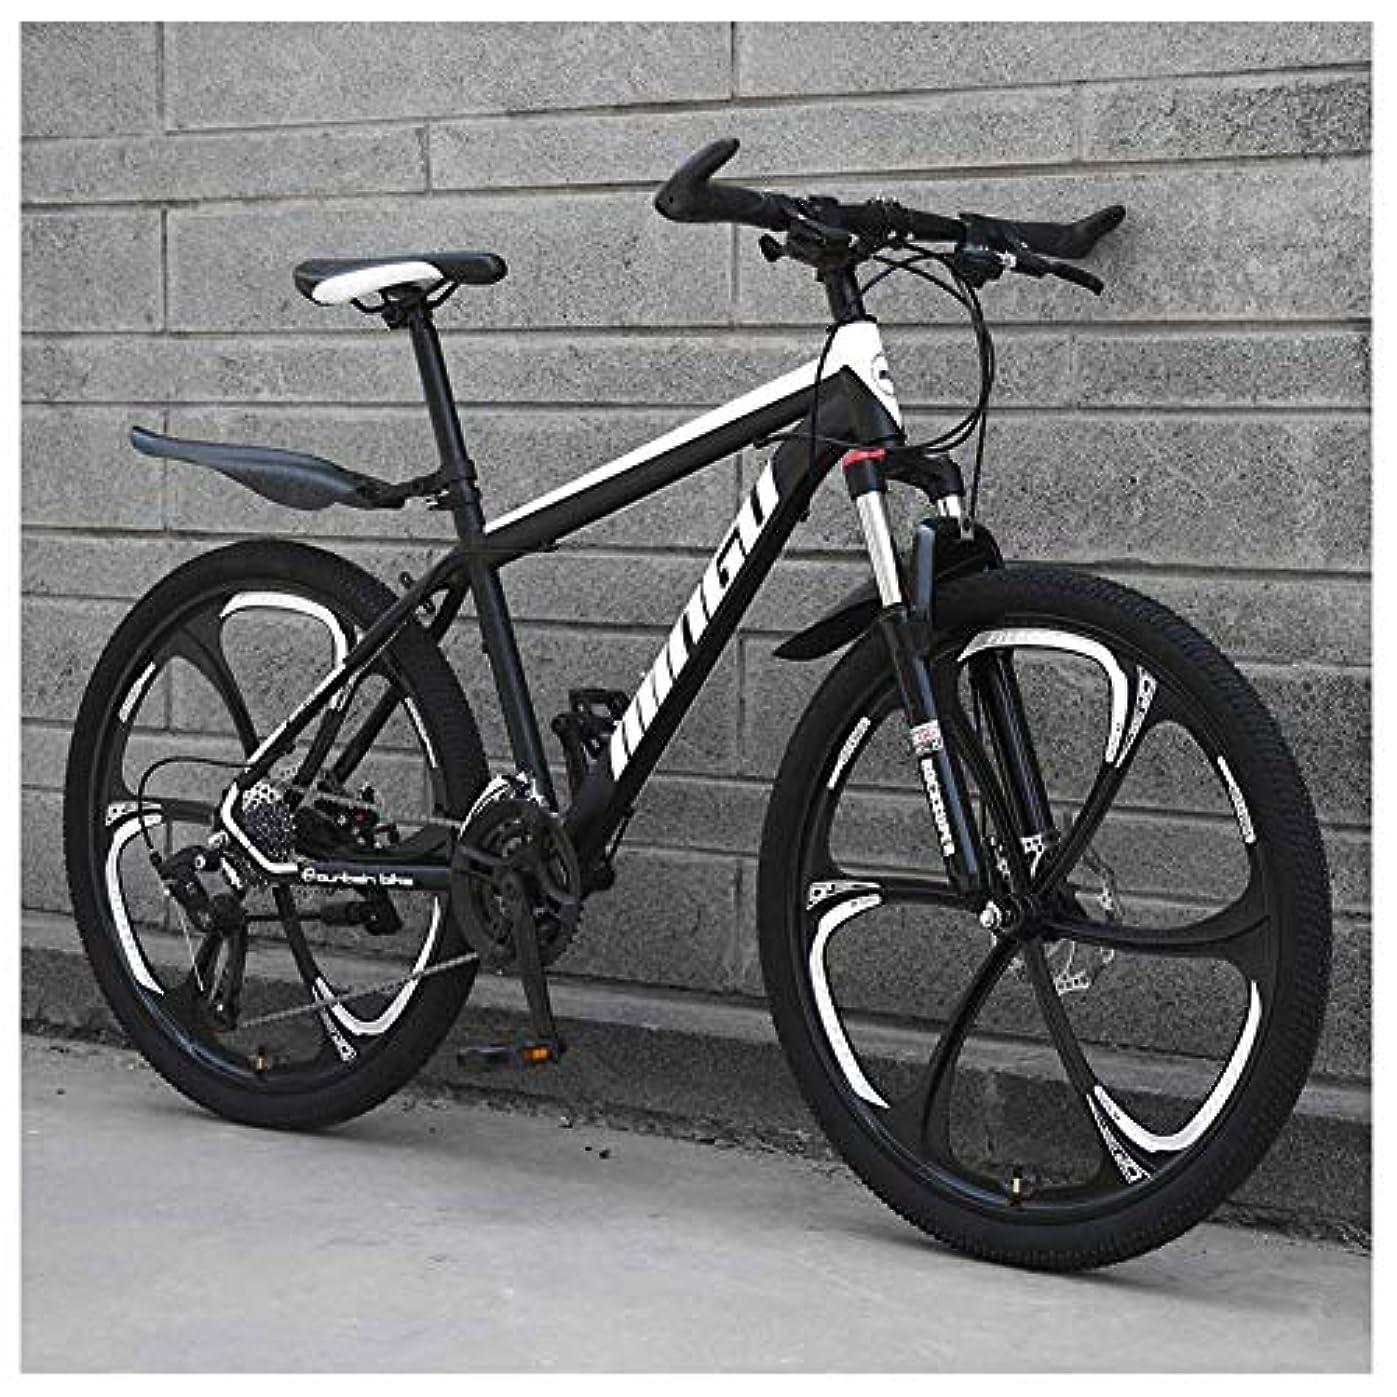 歴史ジェーンオースティン立方体24インチマウンテンバイク、メンズレディースカーボンスチール自転車、30スピードドライブトレインデュアルディスクブレーキ付きオールテレーンマウンテンバイク、24Vitesses、ブラック6スポーク